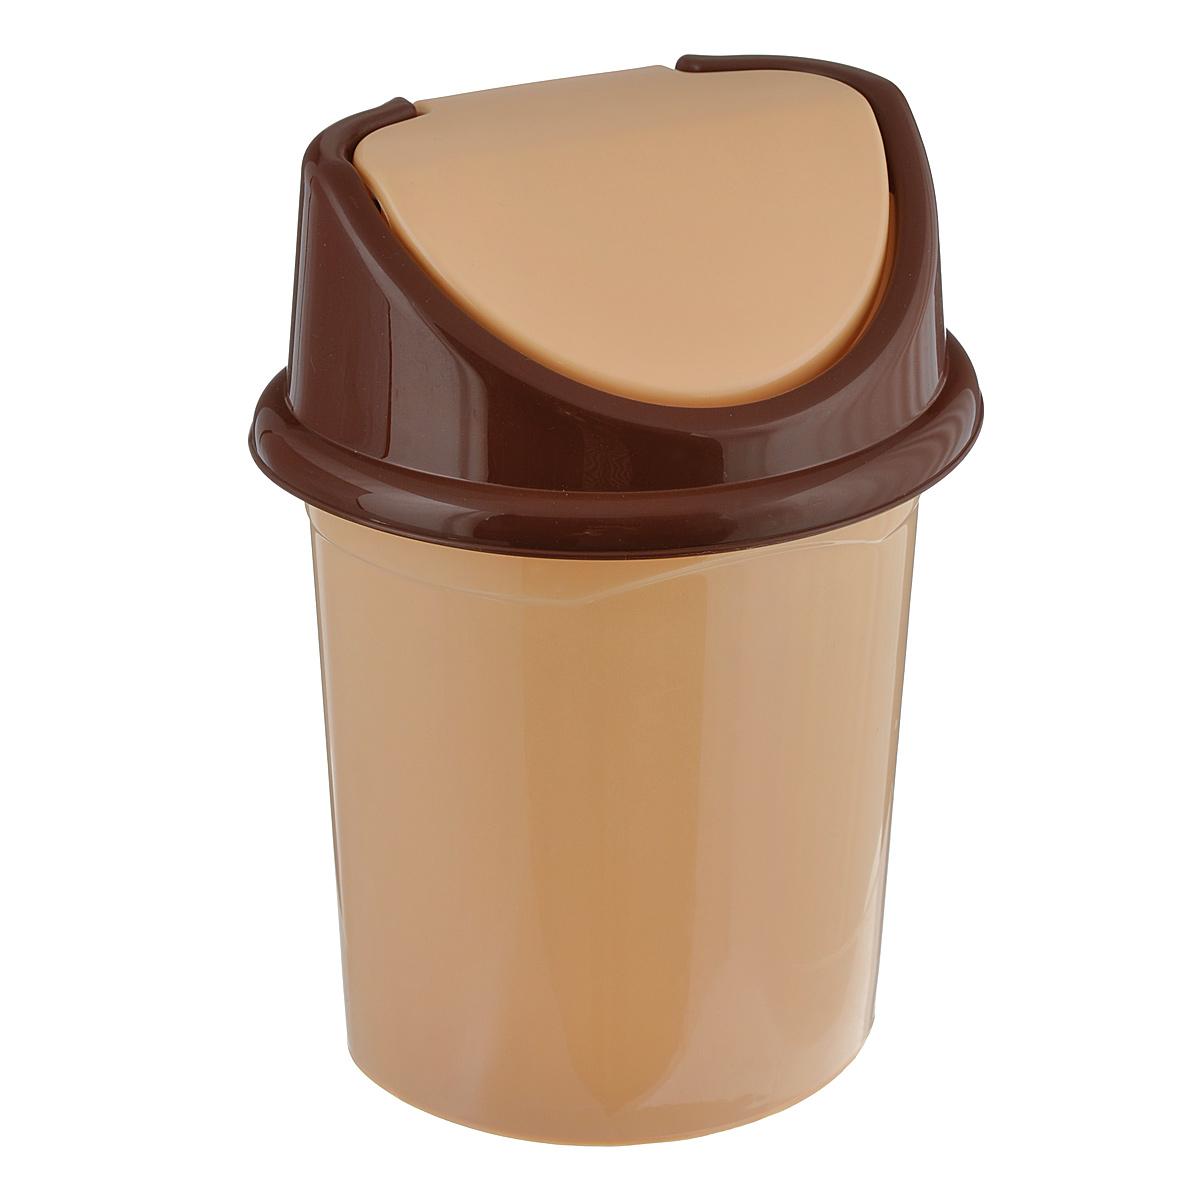 Контейнер для мусора Violet, цвет: бежевый, коричневый, 8 л0408/2Контейнер для мусора Violet изготовлен из прочного пластика. Контейнер снабжен удобной съемной крышкой с подвижной перегородкой. В нем удобно хранить мелкий мусор. Благодаря лаконичному дизайну такой контейнер идеально впишется в интерьер и дома, и офиса.